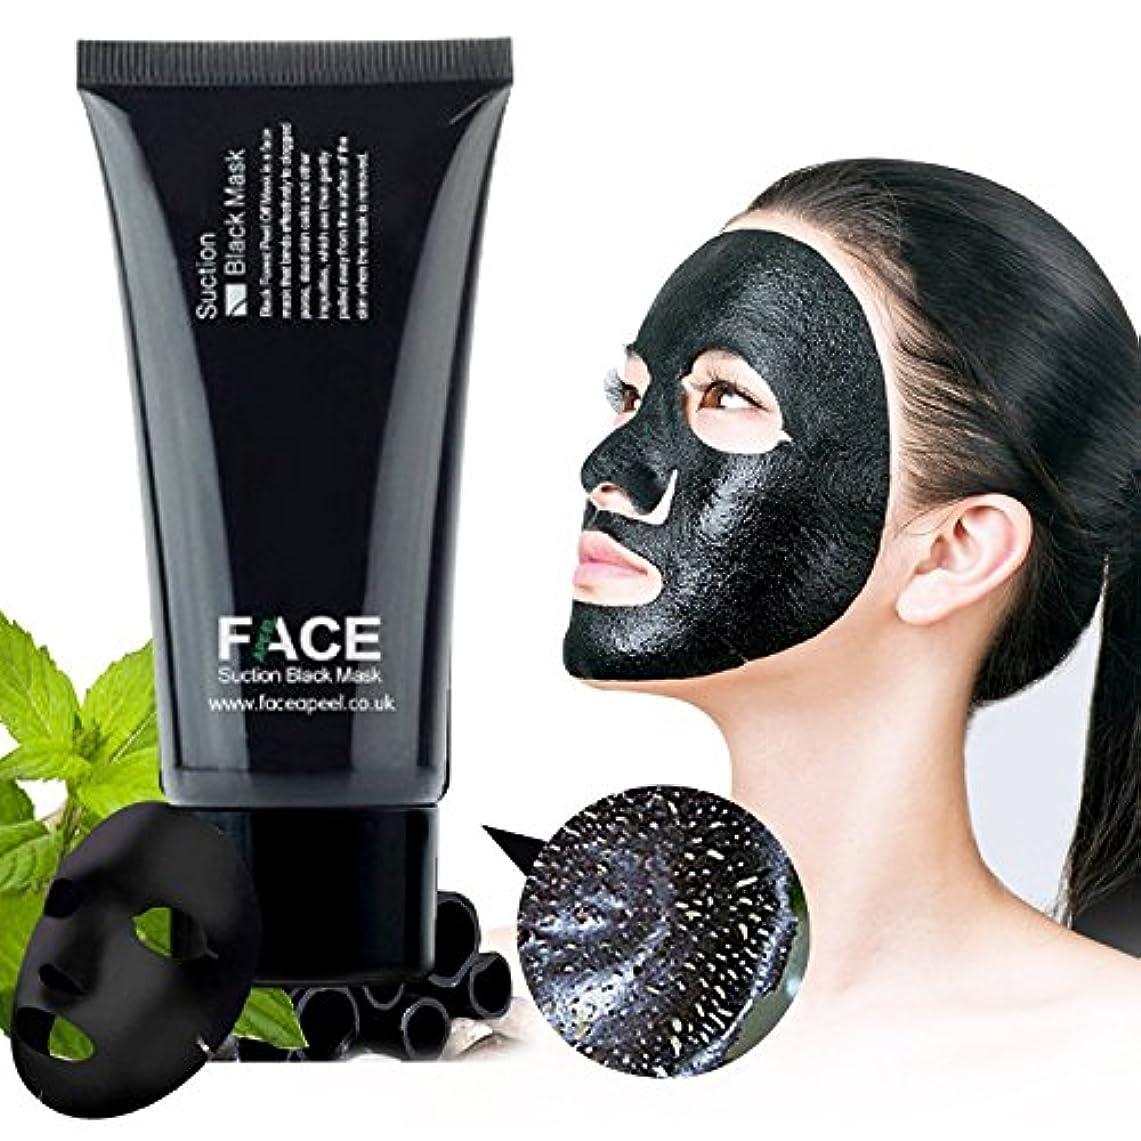 キャメルワゴンFaceApeel Blackheadリムーバーマスク[Blackheadsを取り除く] - プレミアム品質Black Pore Removalは、Face For Faceマスクを剥がす